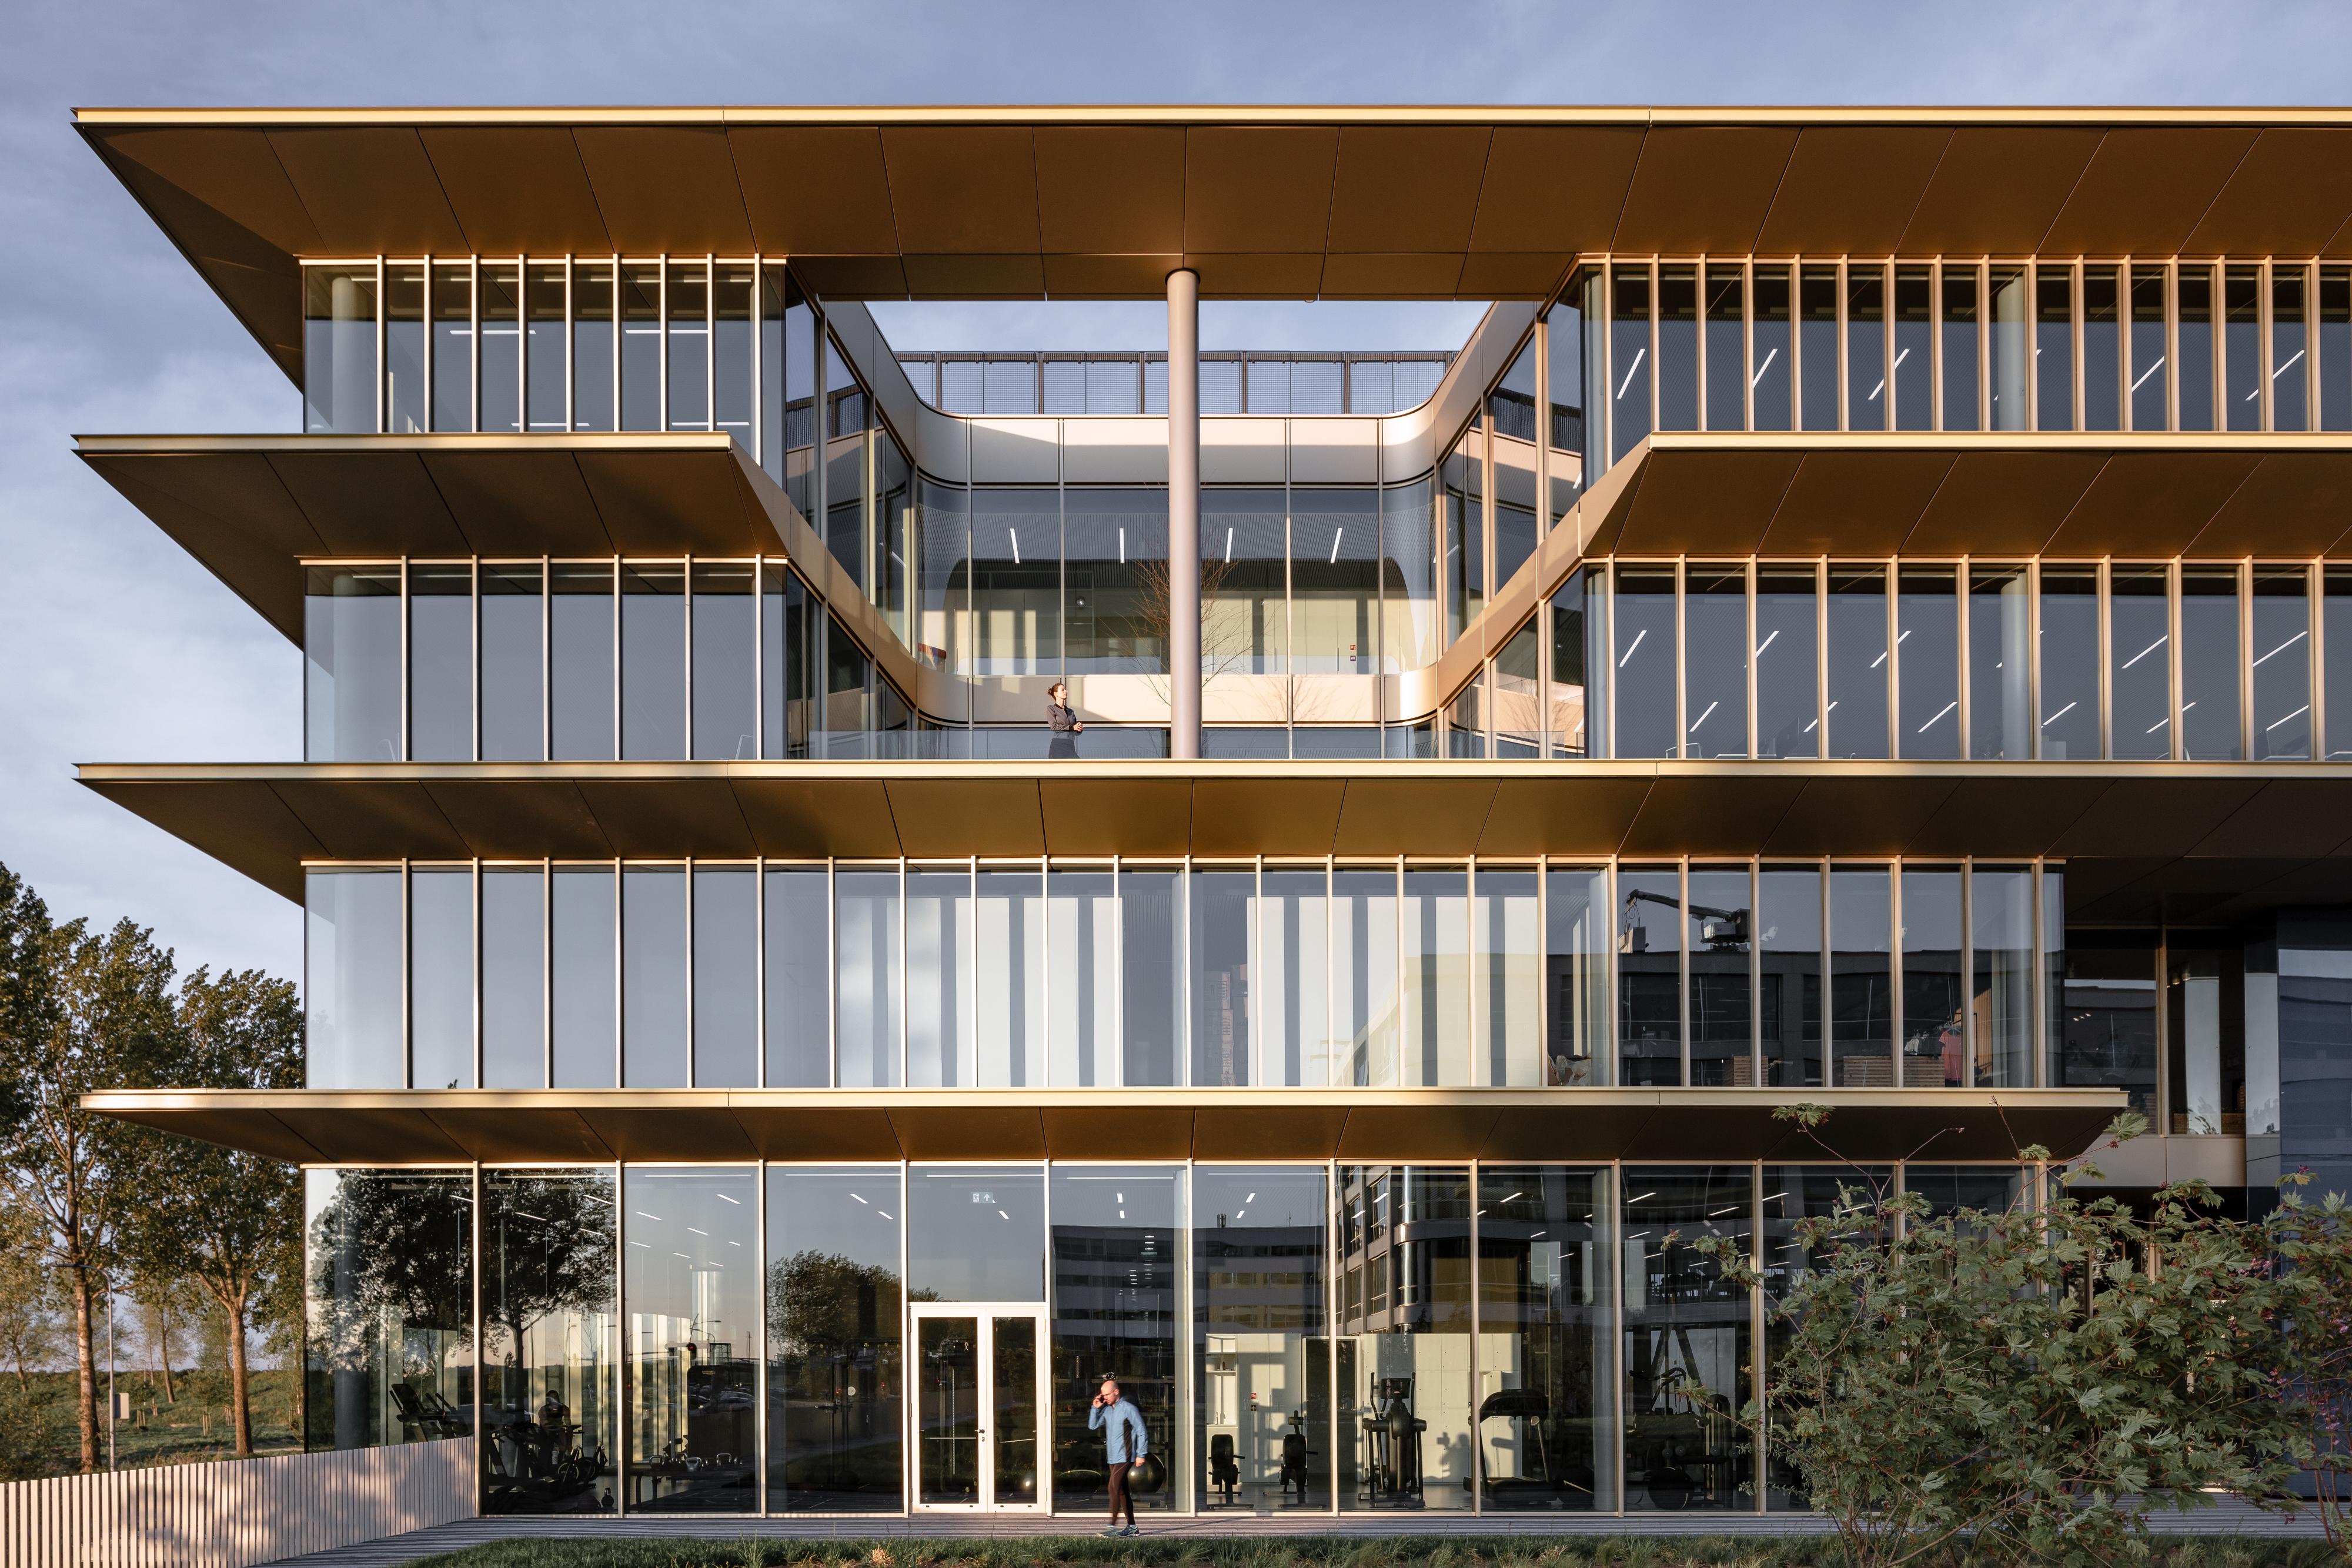 Lees het artikel over het hoofdkantoor ASICS EMEA in Hoofddorp door Powerhouse Company in de septemberuitgave van de Architect